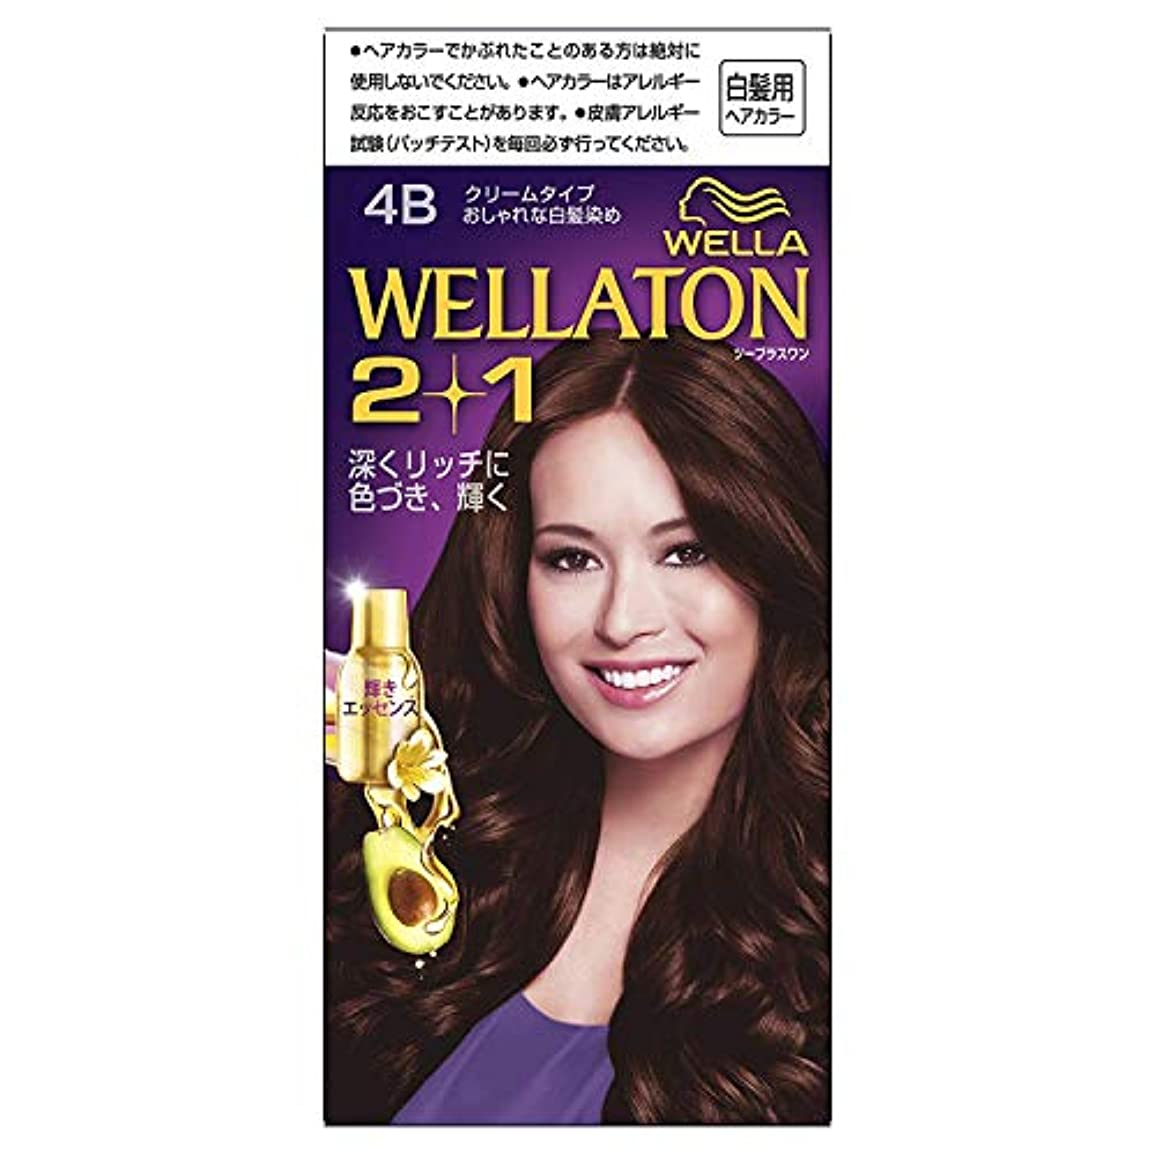 ウエラトーン2+1 クリームタイプ 4B [医薬部外品]×6個